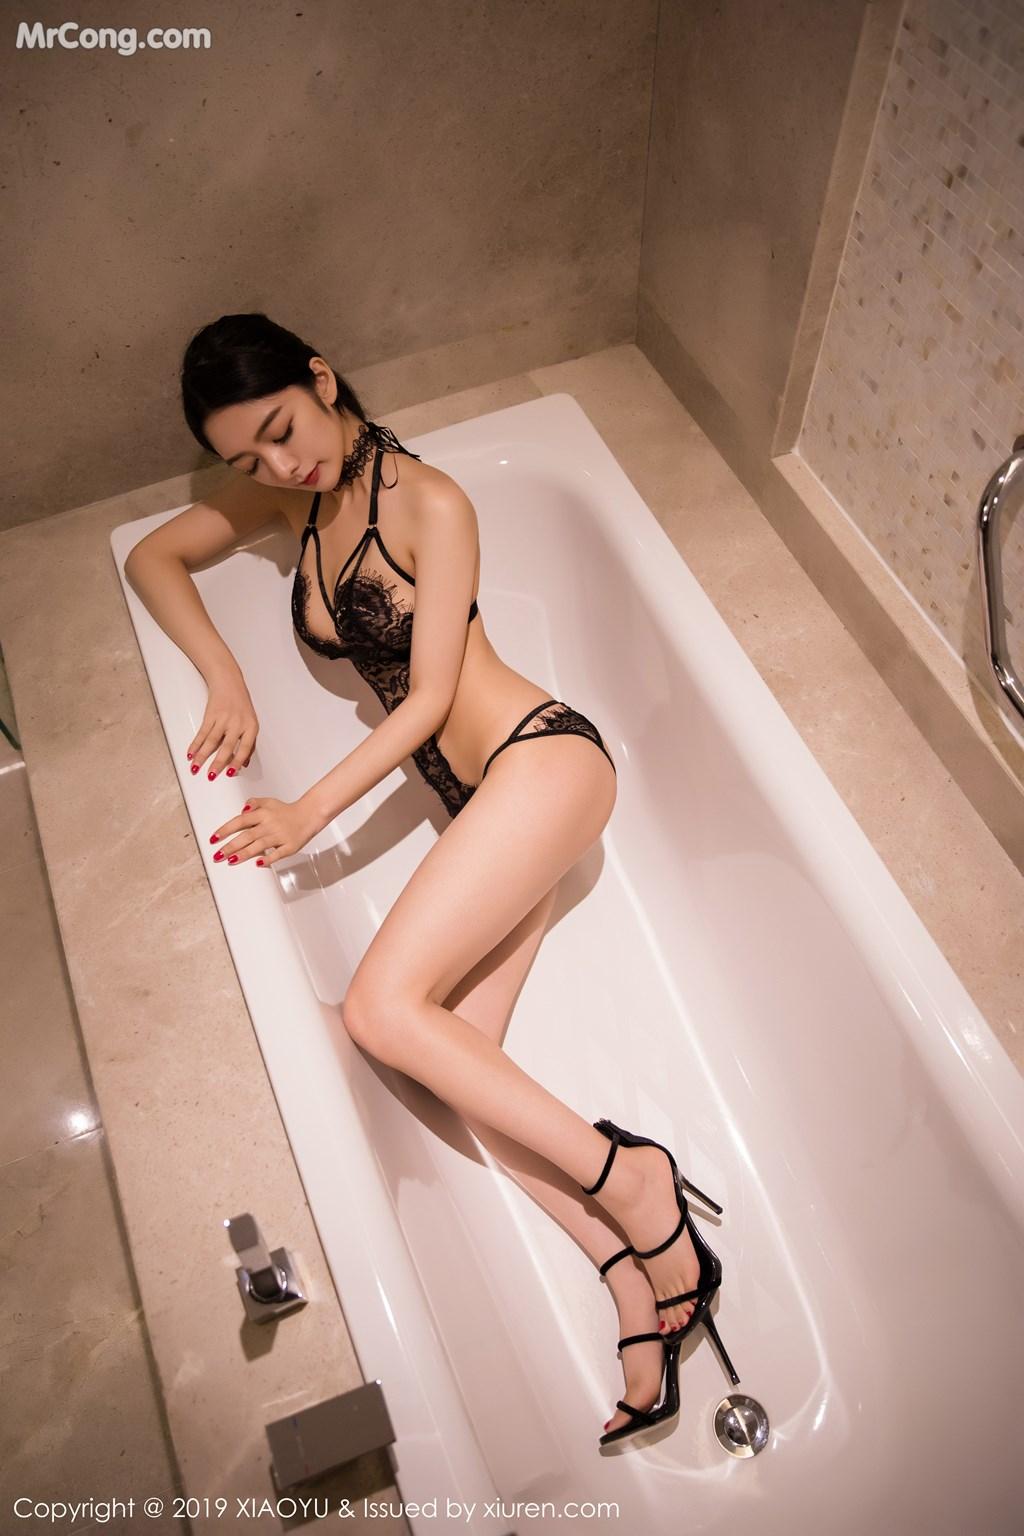 Image XiaoYu-Vol.041-Xiao-Reba-Angela-MrCong.com-019 in post XiaoYu Vol.041: Xiao Reba (Angela喜欢猫) (43 ảnh)